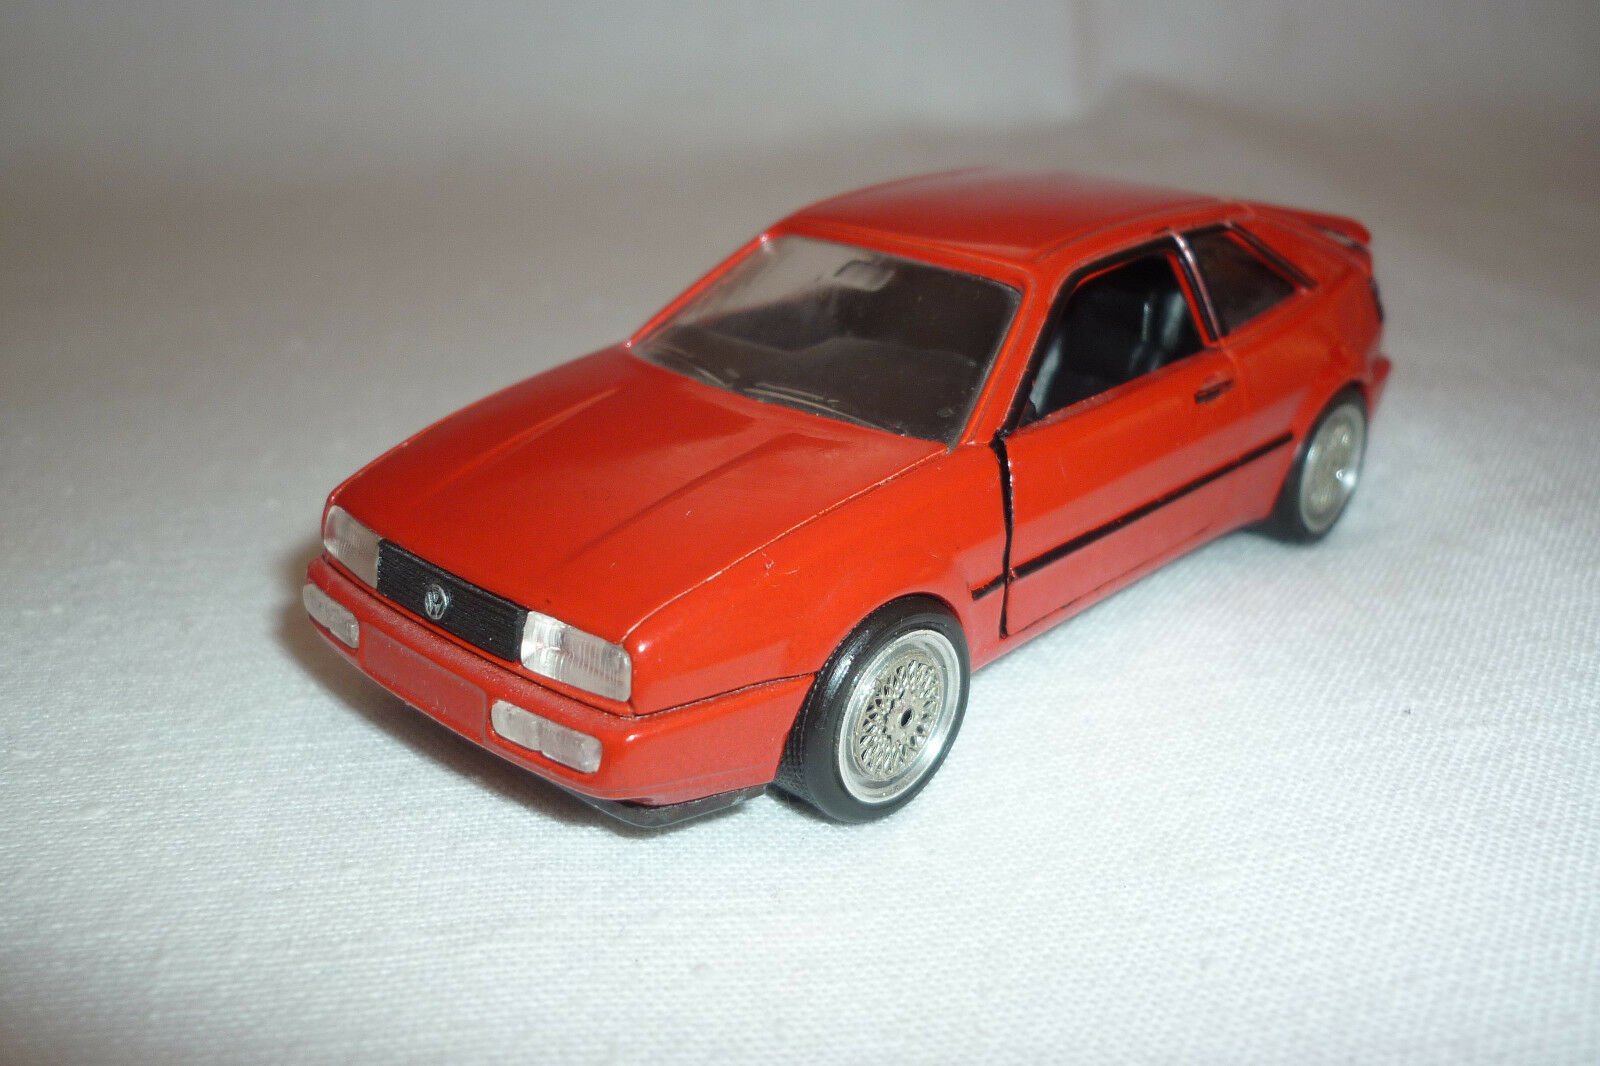 Schabak-modelo-VW Corrado Corrado Corrado - 1 43 - (3.div-26) 82521a